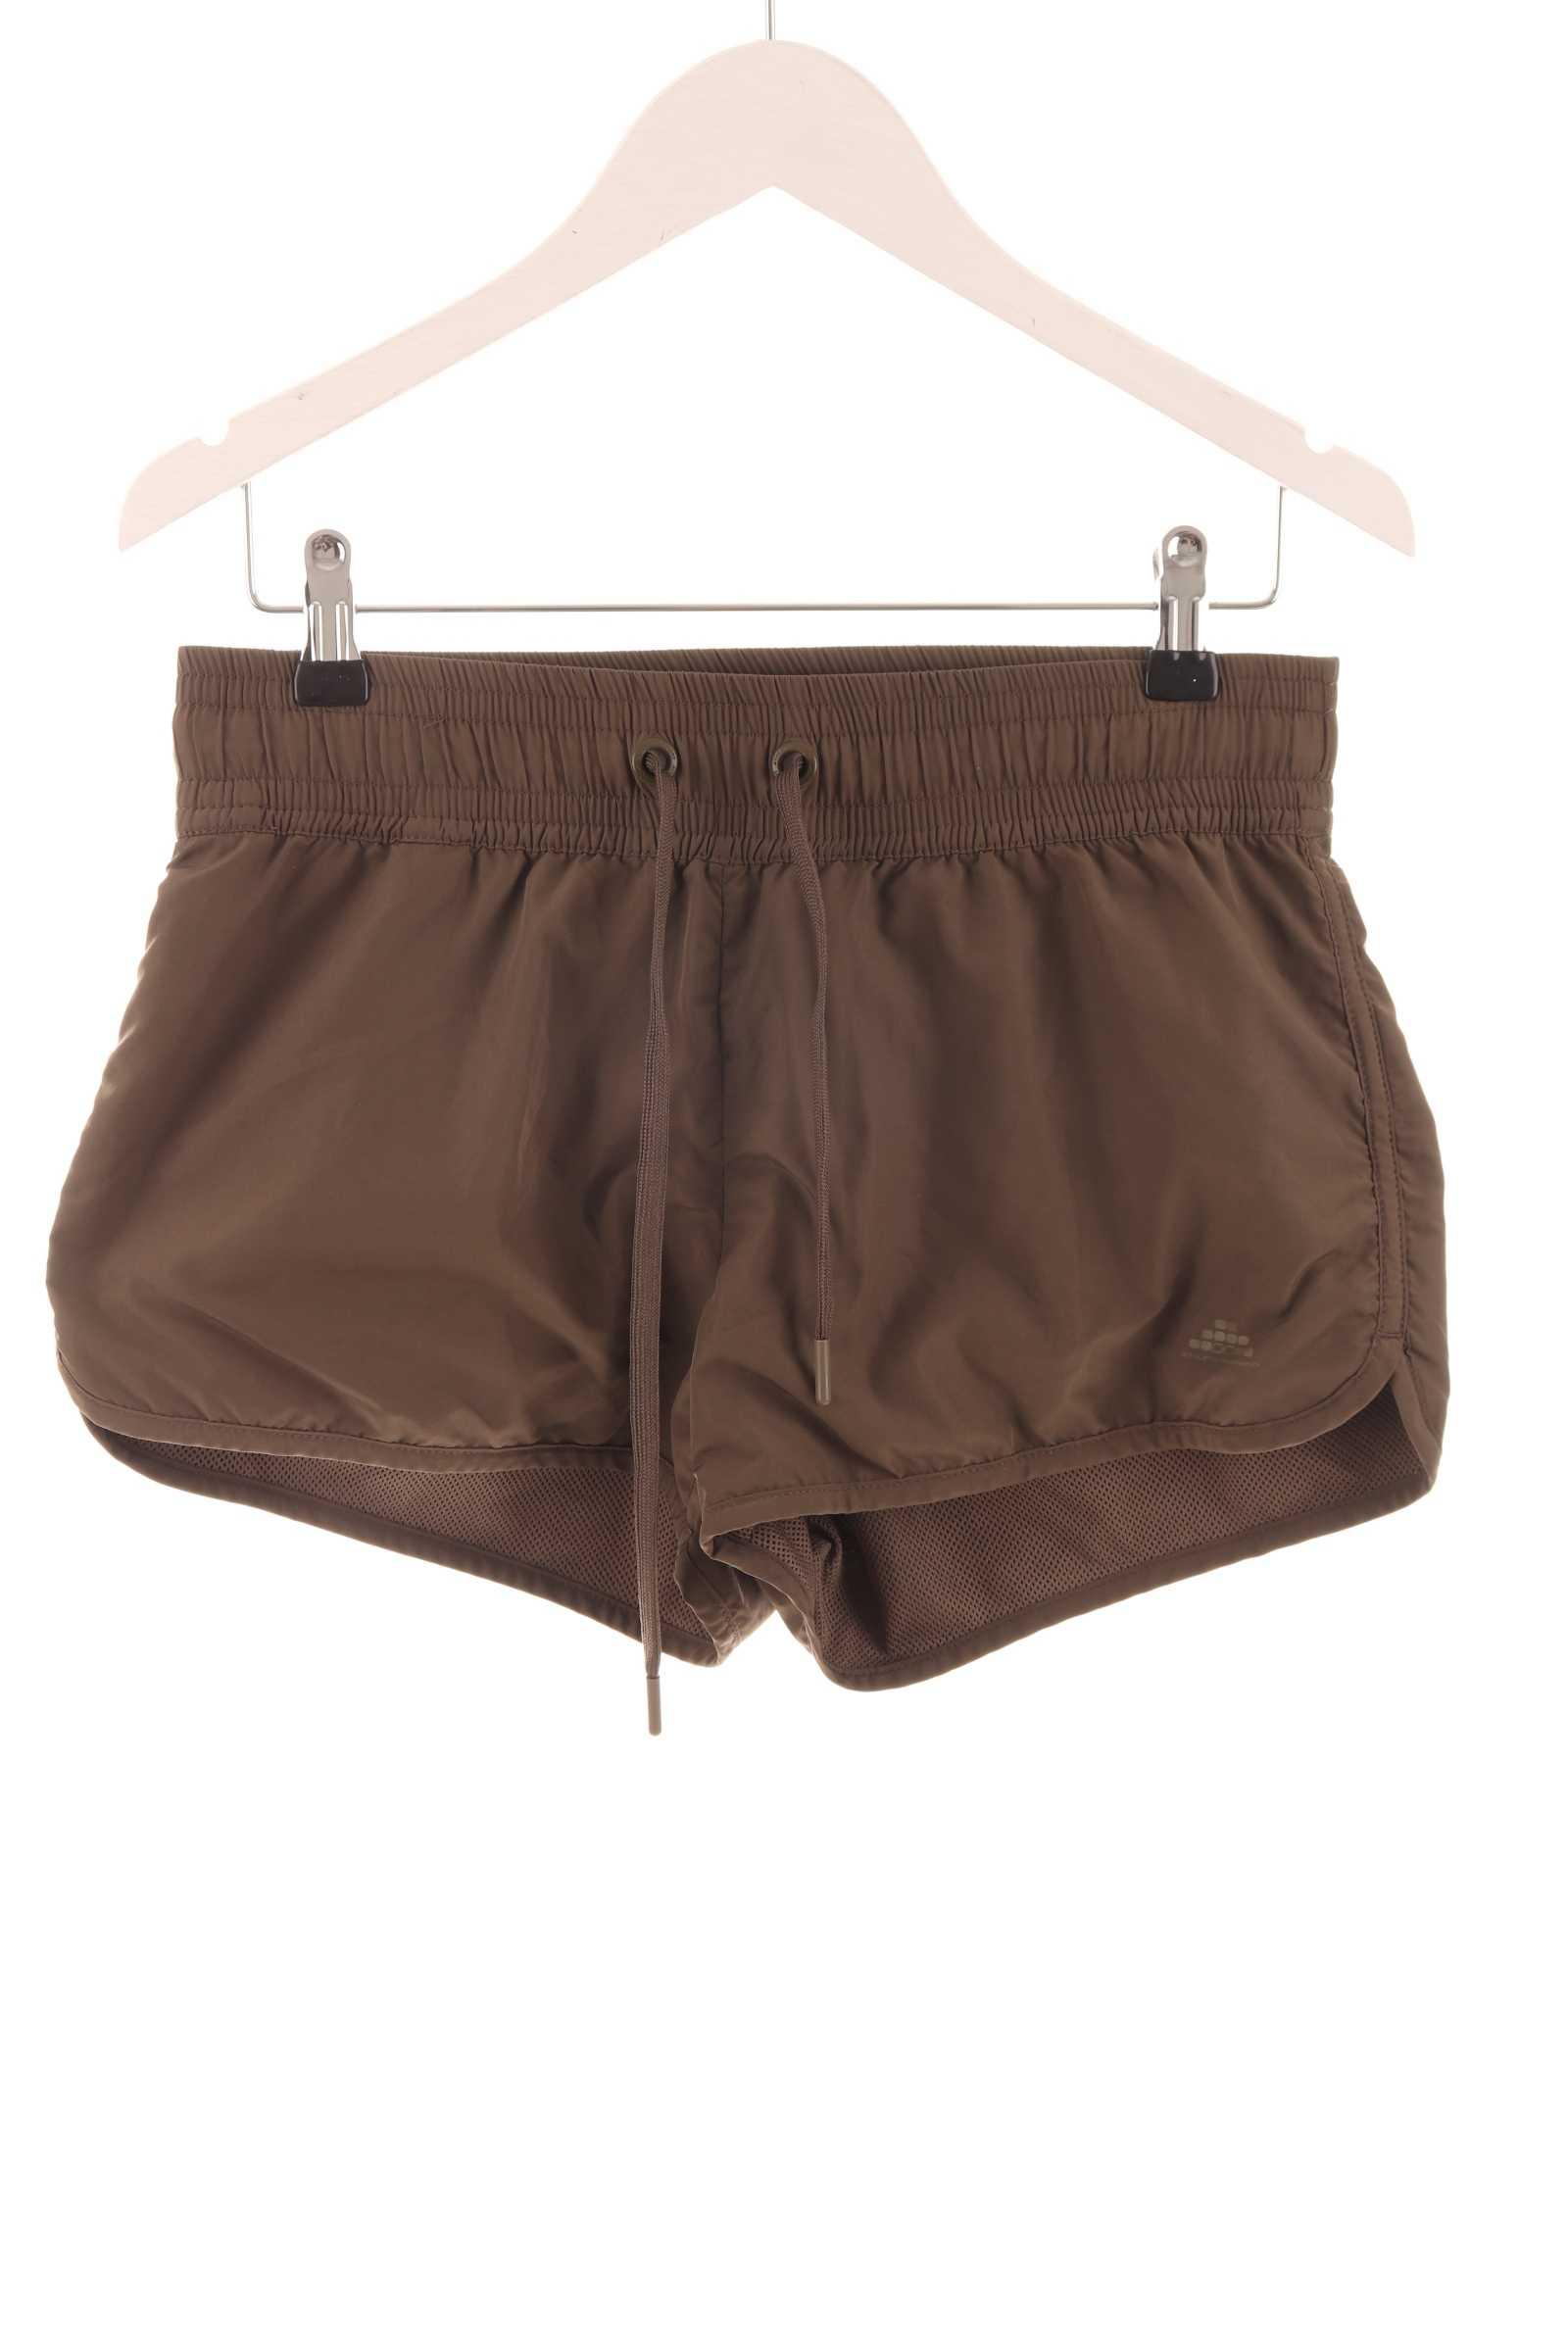 Damen Hosen, Stoffhosen, Sommerhosen, Esprit, Clockhouse Größe 34